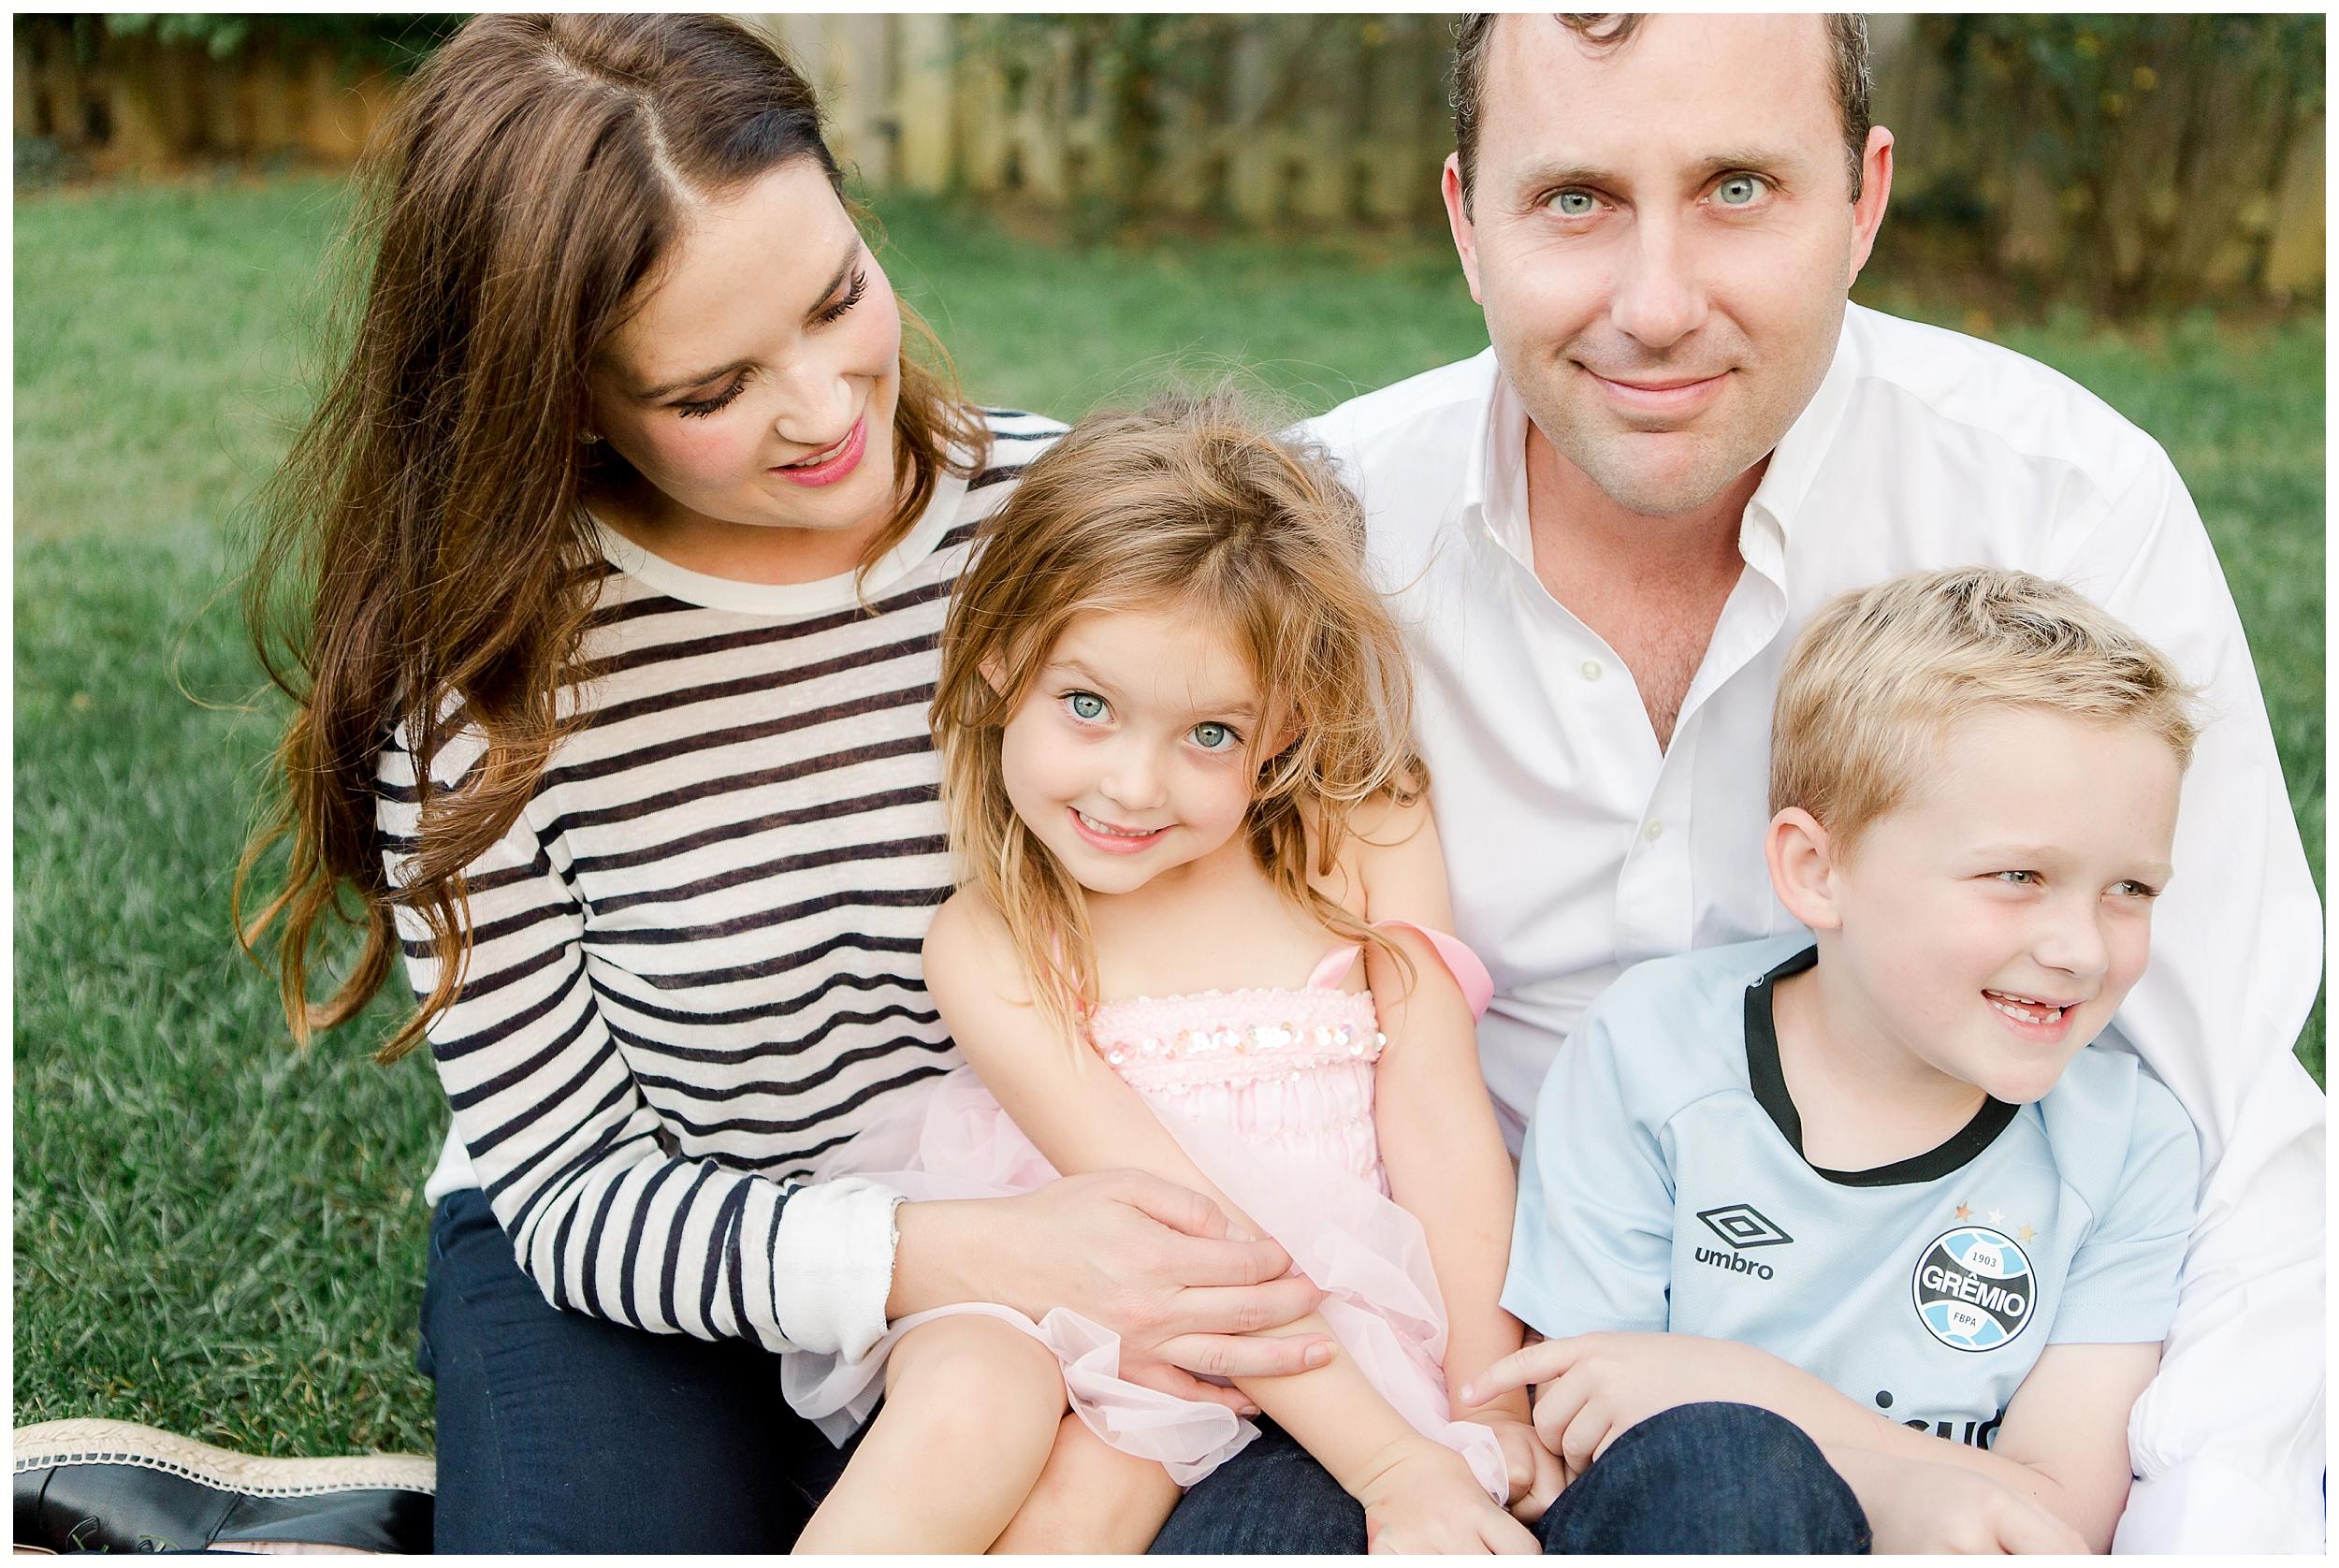 lexington-ky-family-lifestyle-photos-by-priscilla-baierlein_0095.jpg